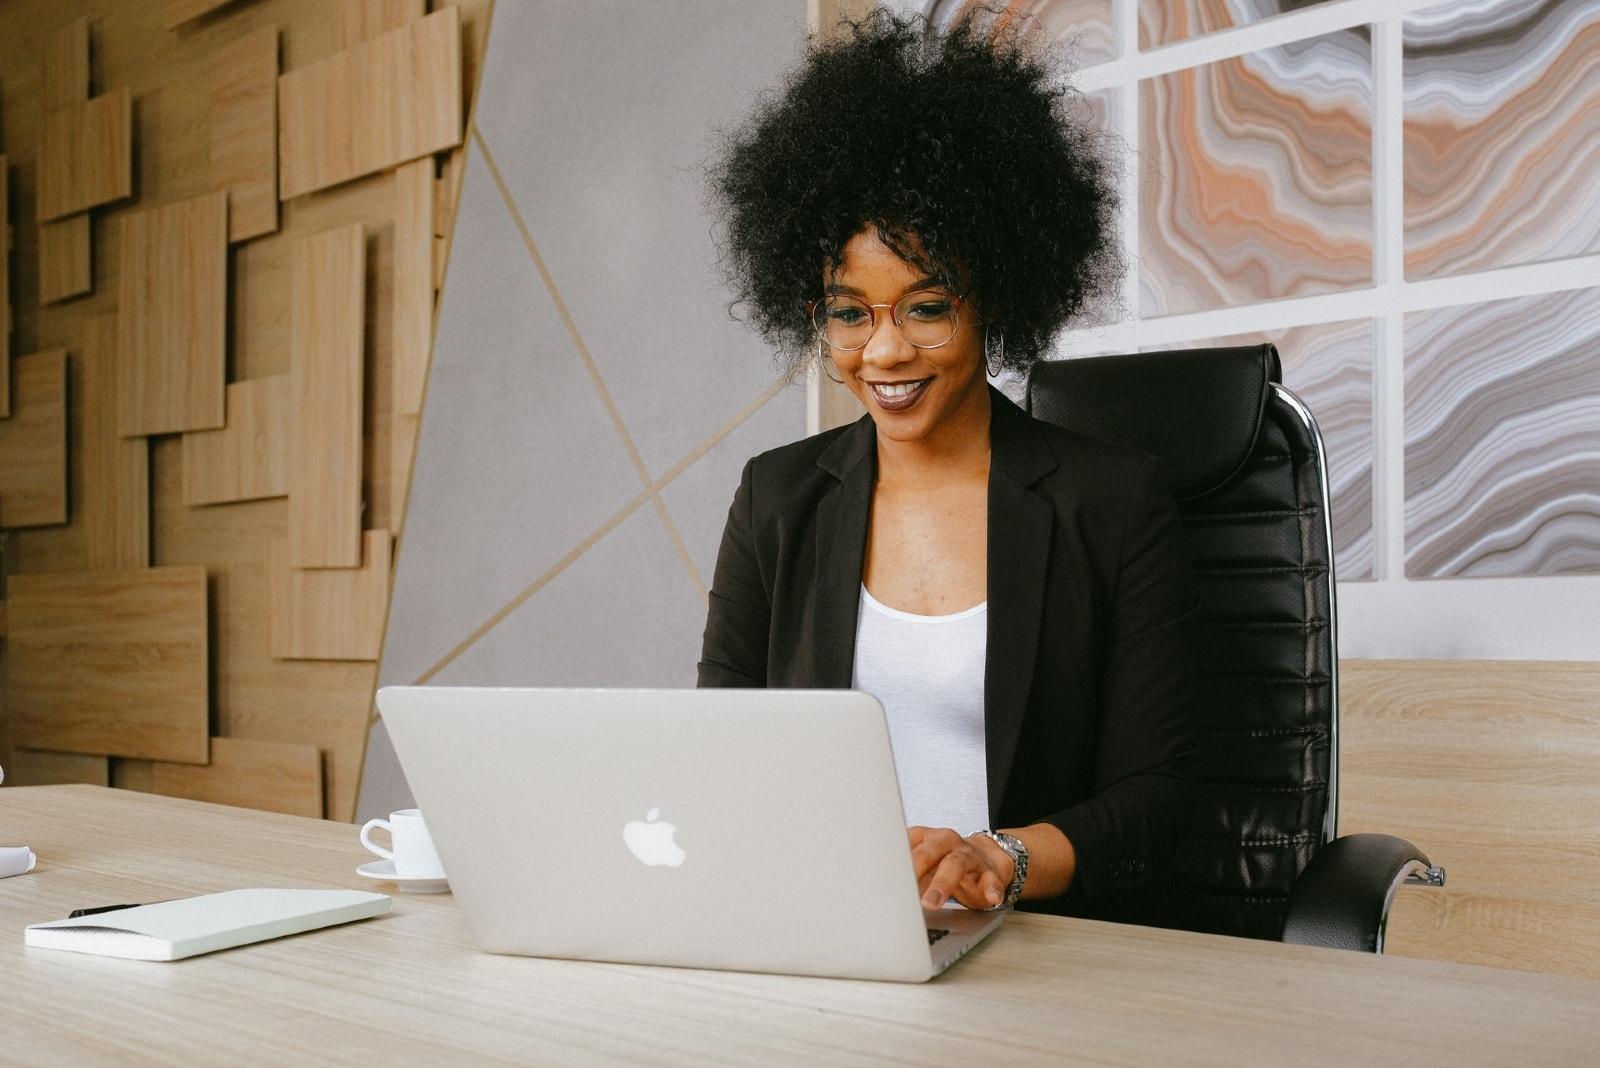 woman in black blazer using laptop in office